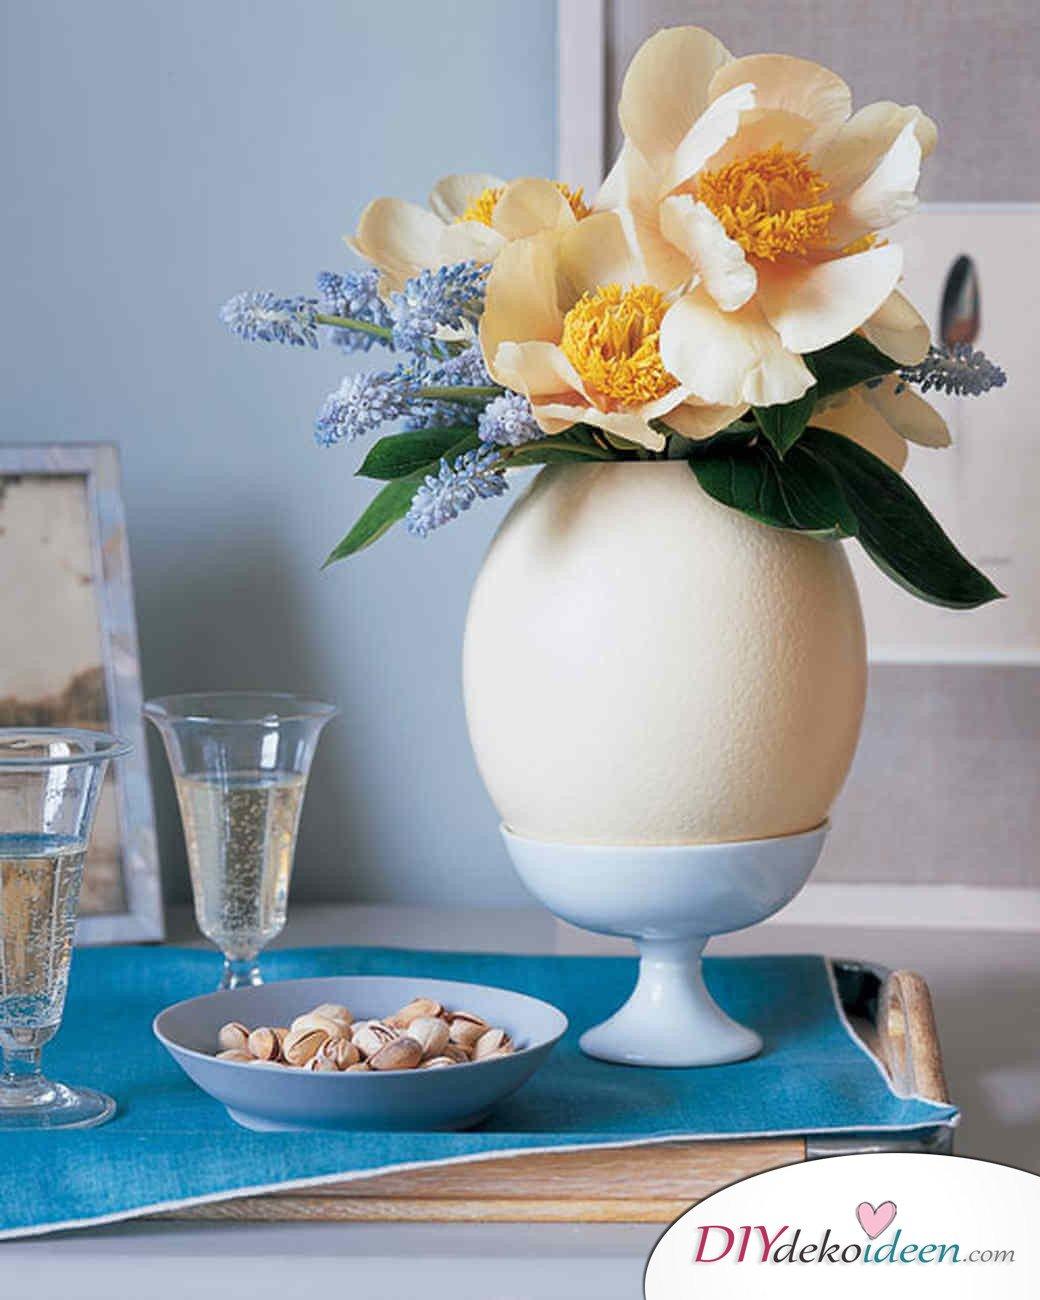 DIY Ideen - Frühlingsdeko selbst gestalten - Straußenei-Vase